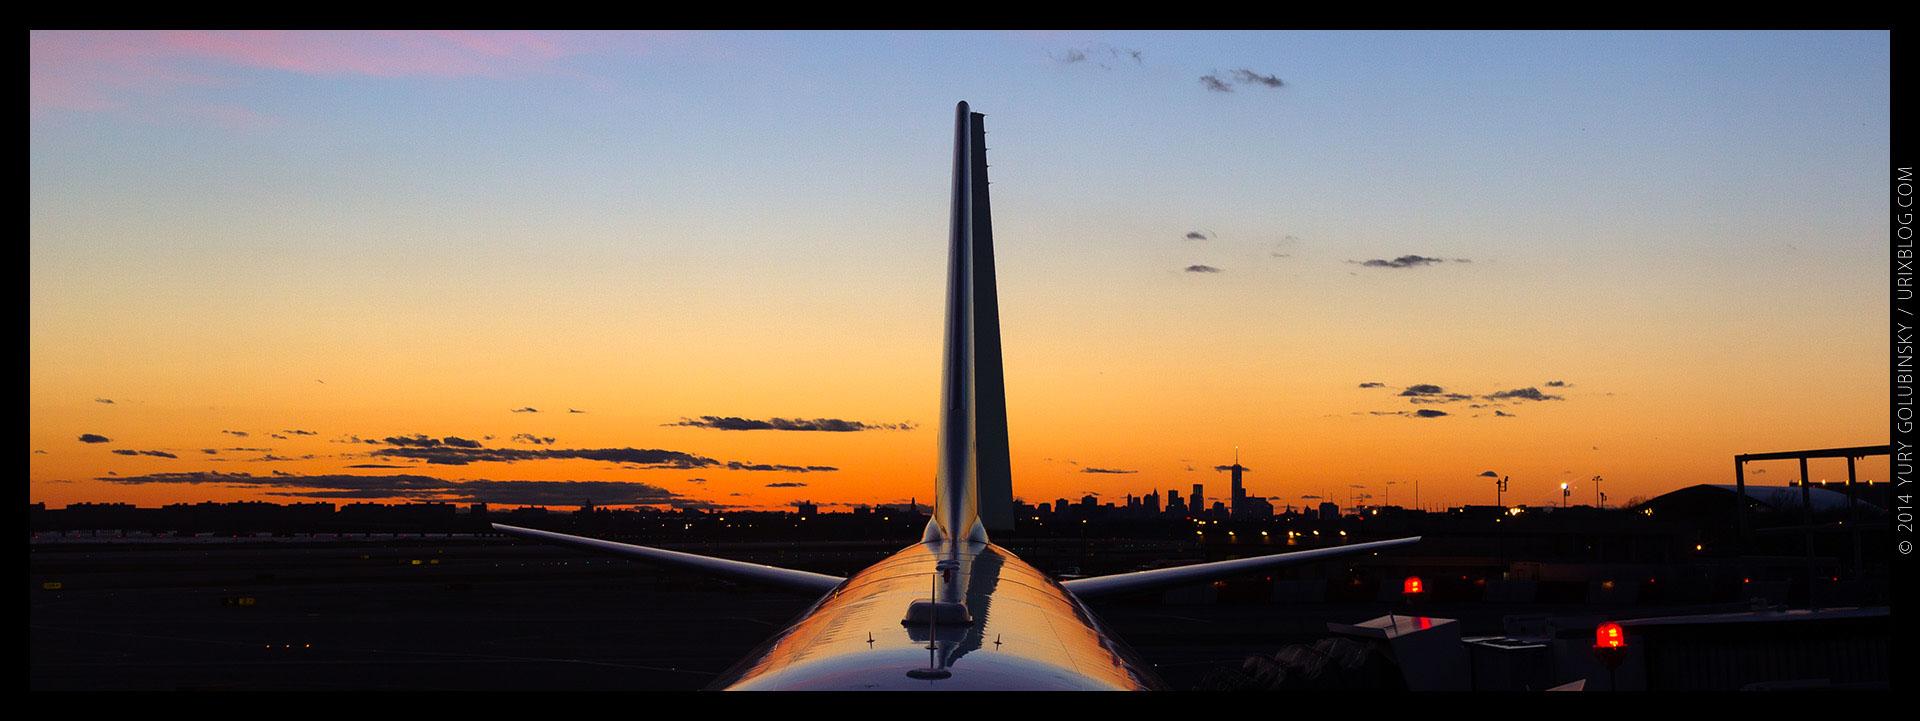 sunset, airplane, reflection, sky, Manhattan, New York, NYC, JFK, USA, airport, 2014, panorama, horizon, city